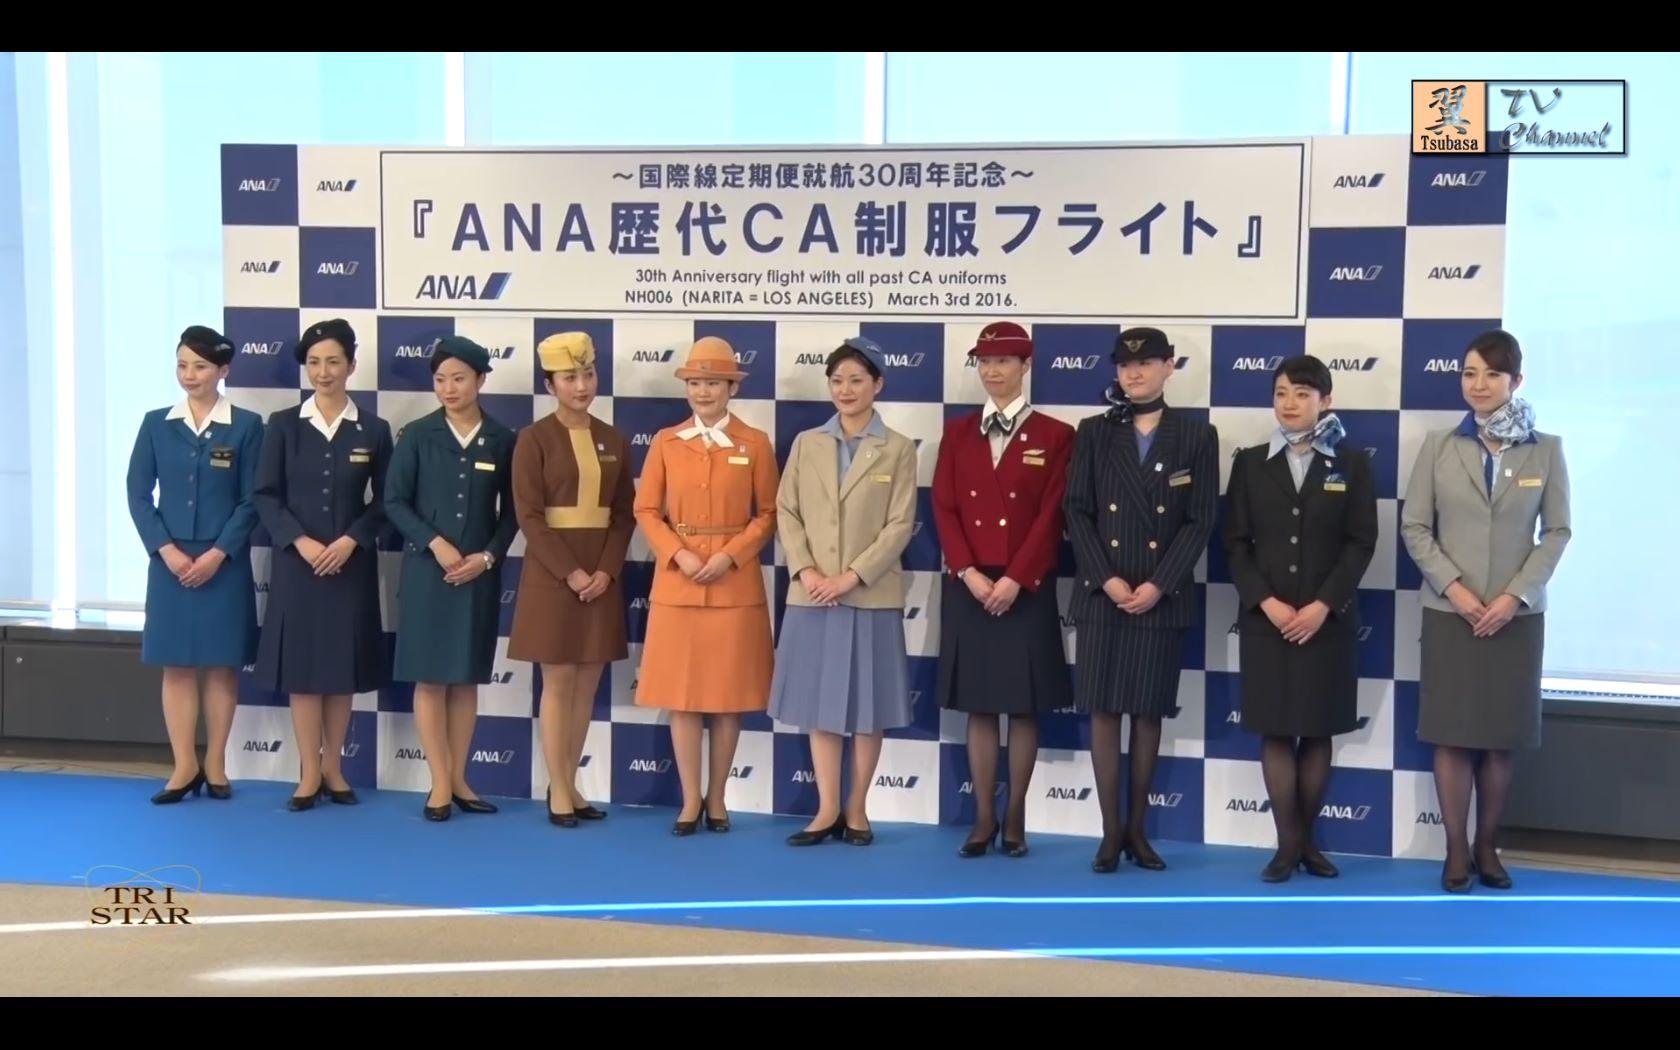 【合集】日本ANA全日空历代空中乘务员制服展示会